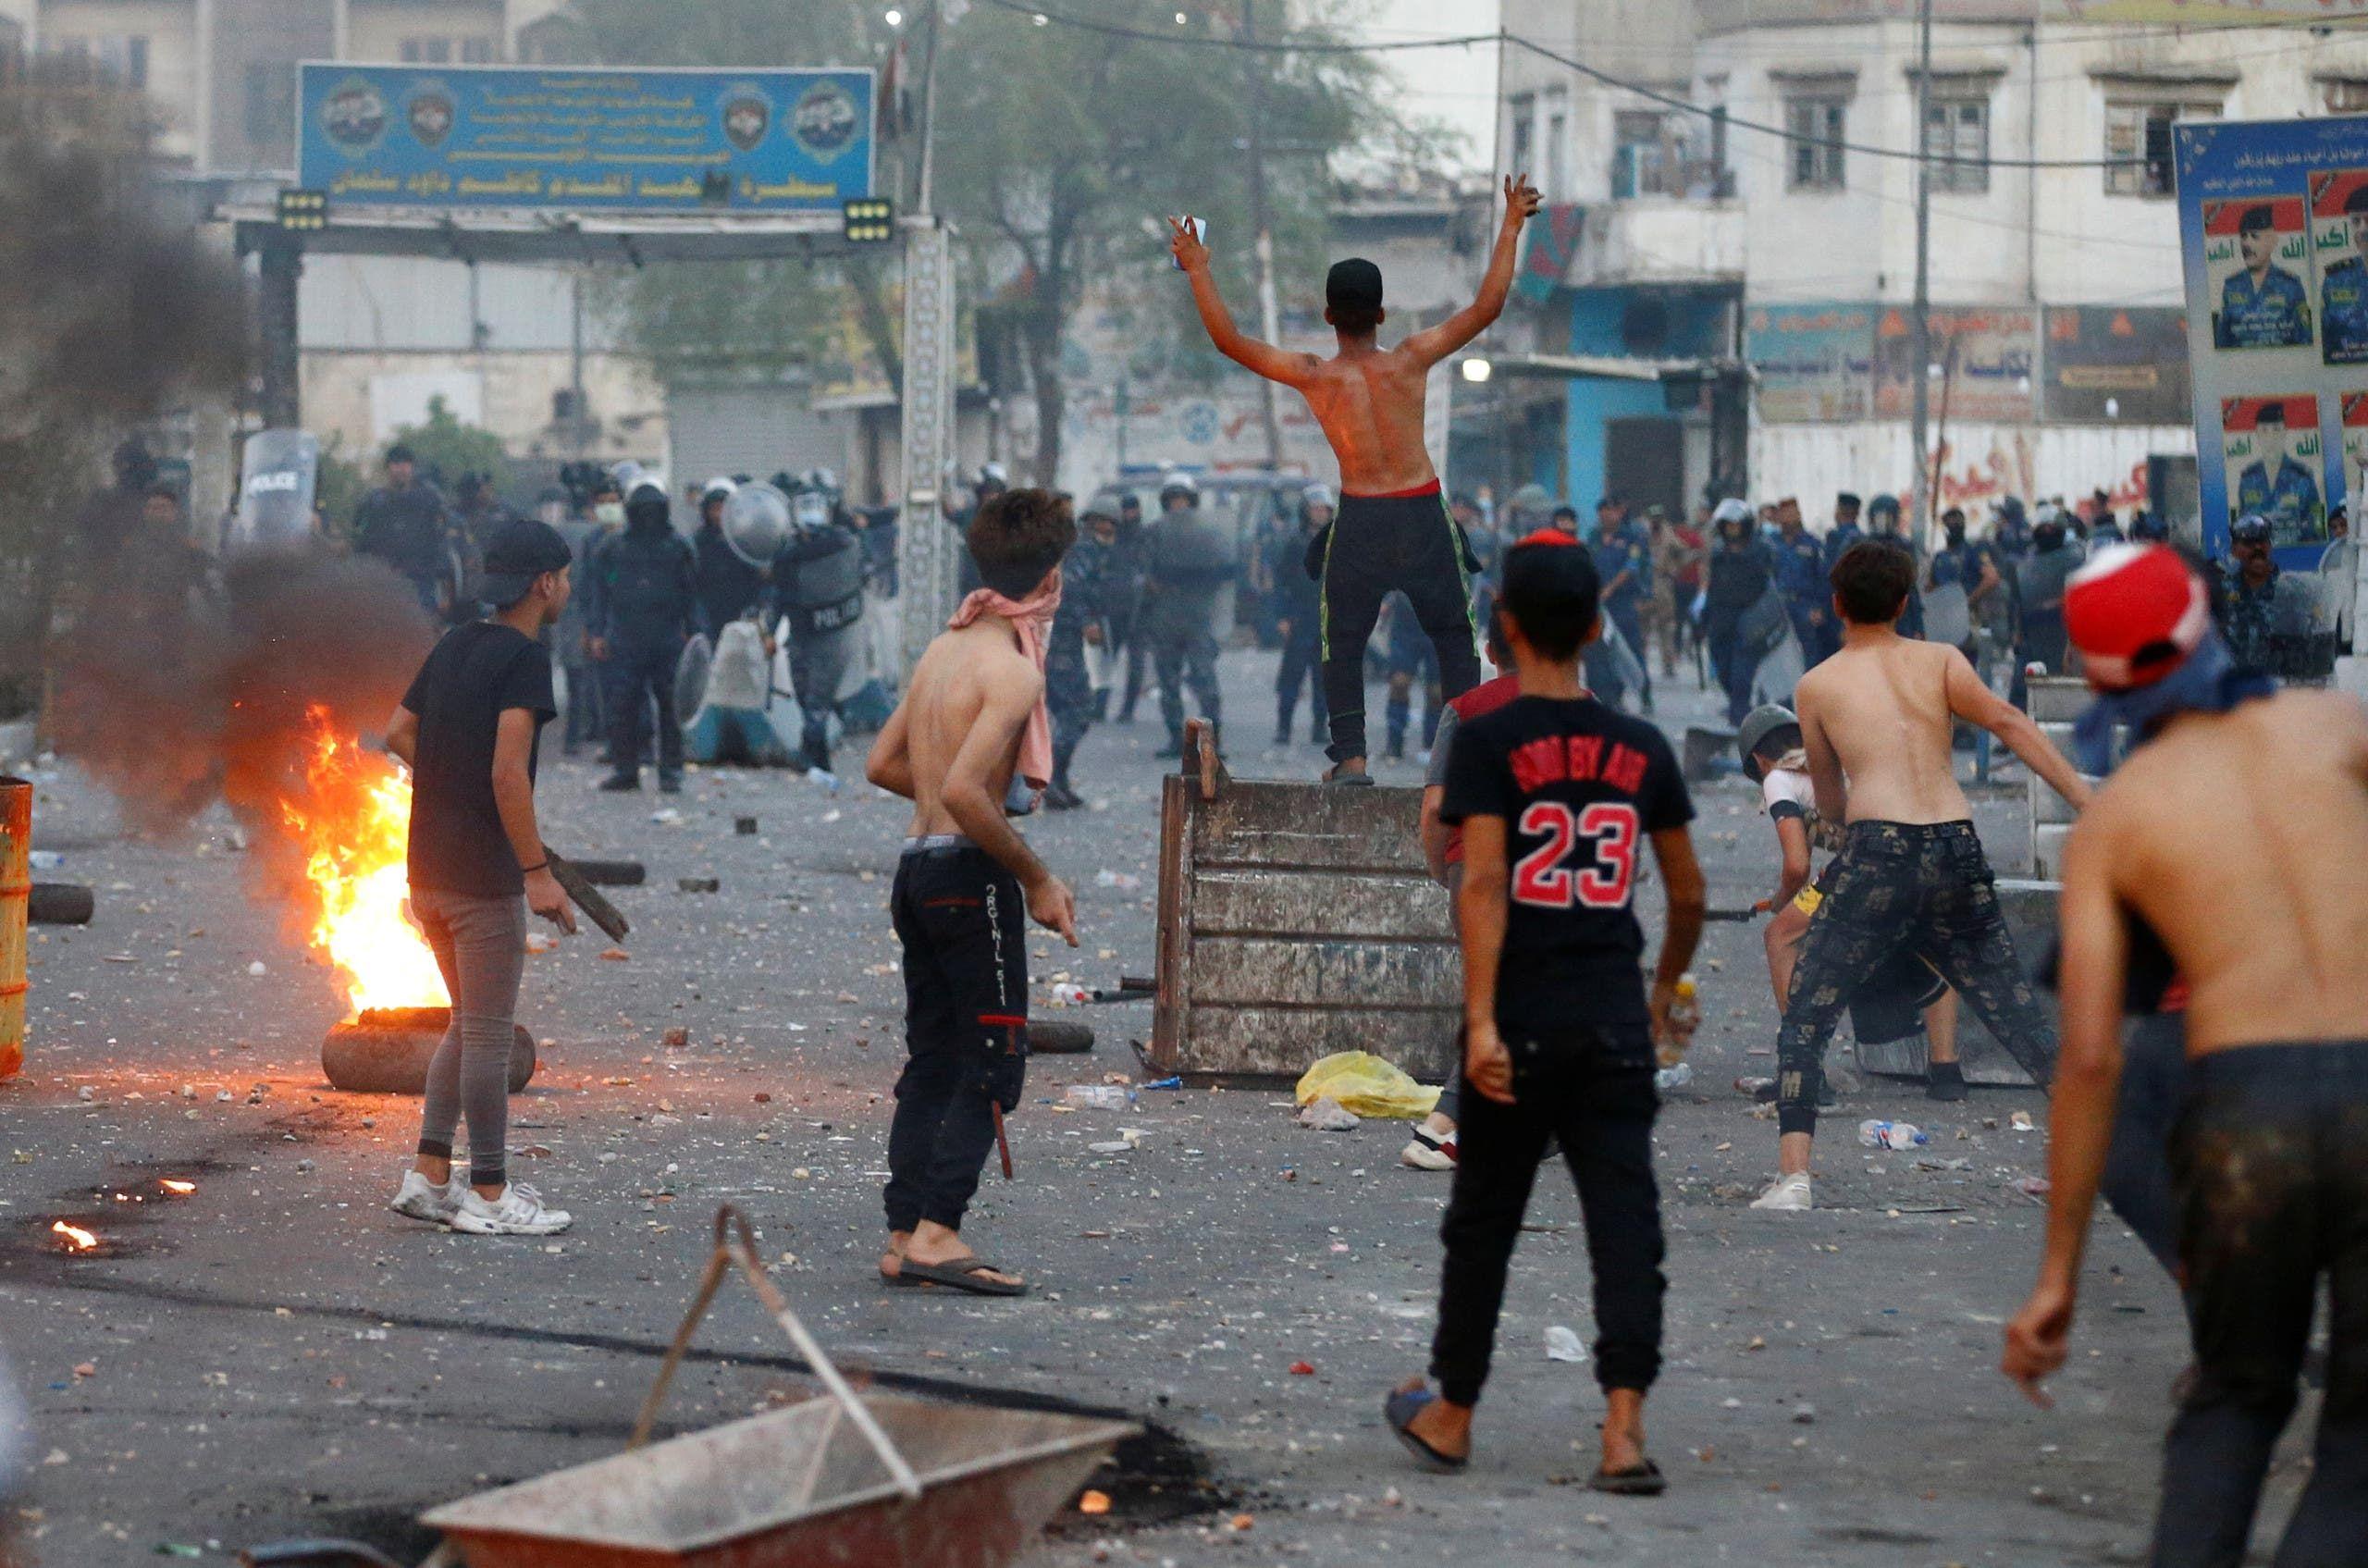 احتجاجات في بغداد الاثنين الماضي